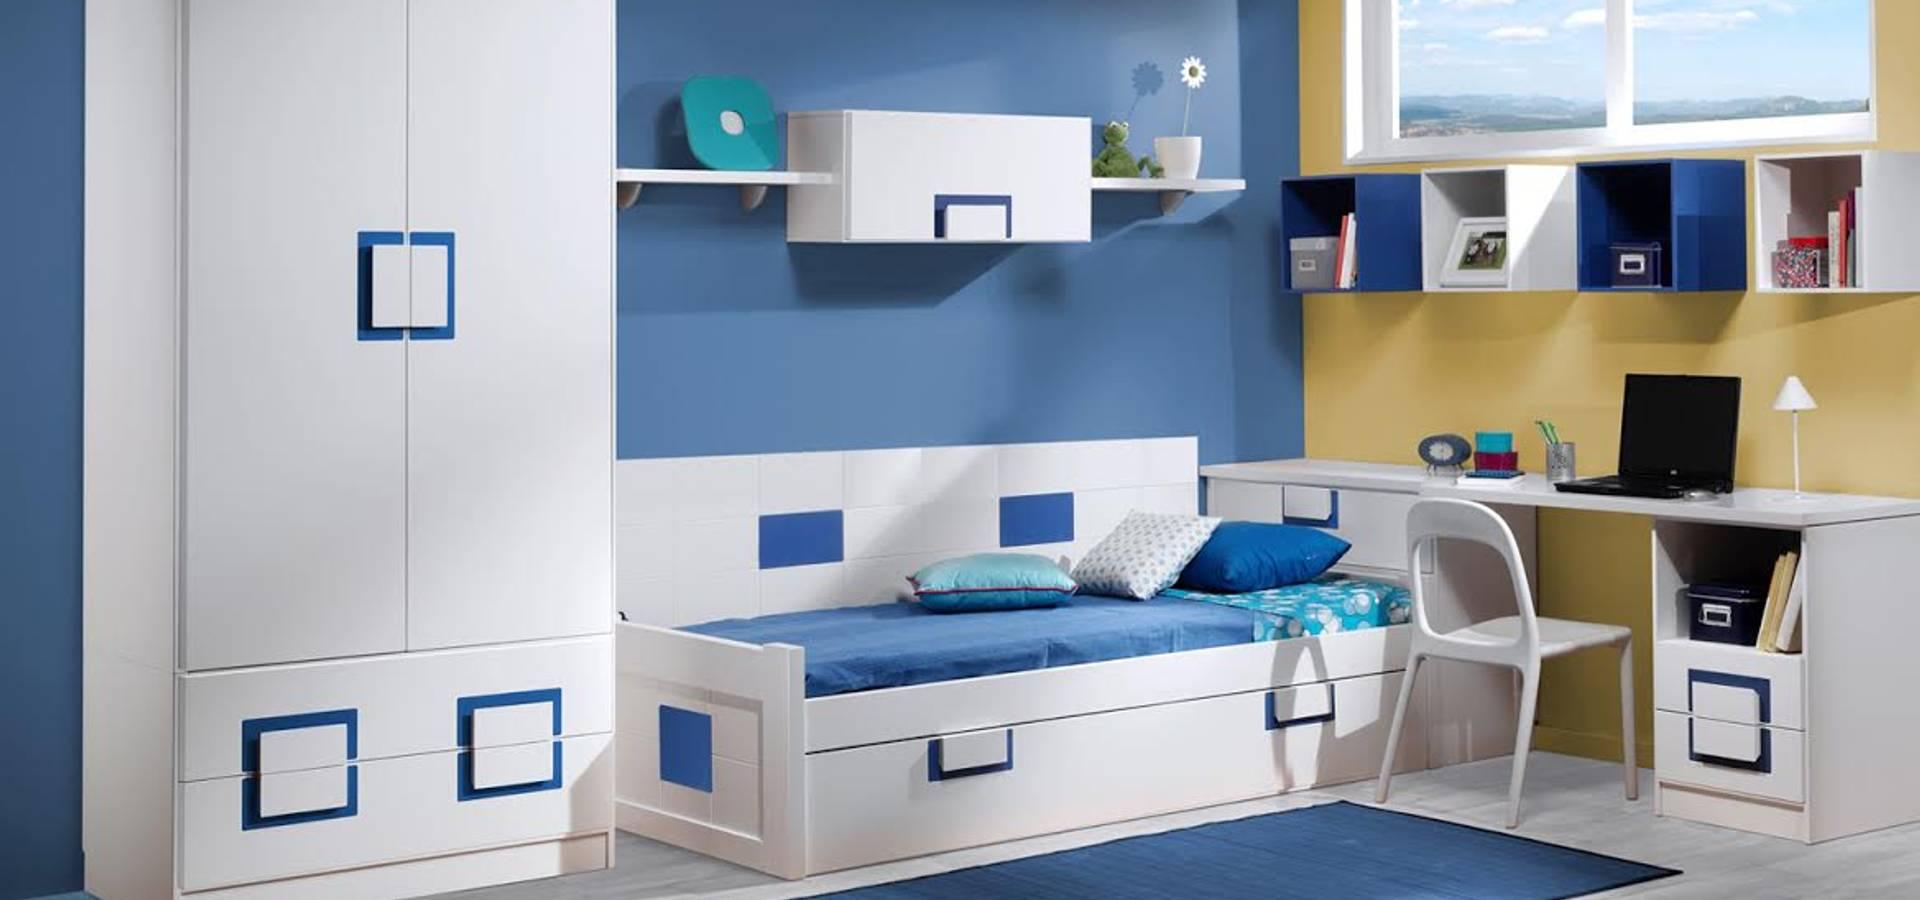 Dormitorios jueveniles por muebles tante homify - Muebles tante ...